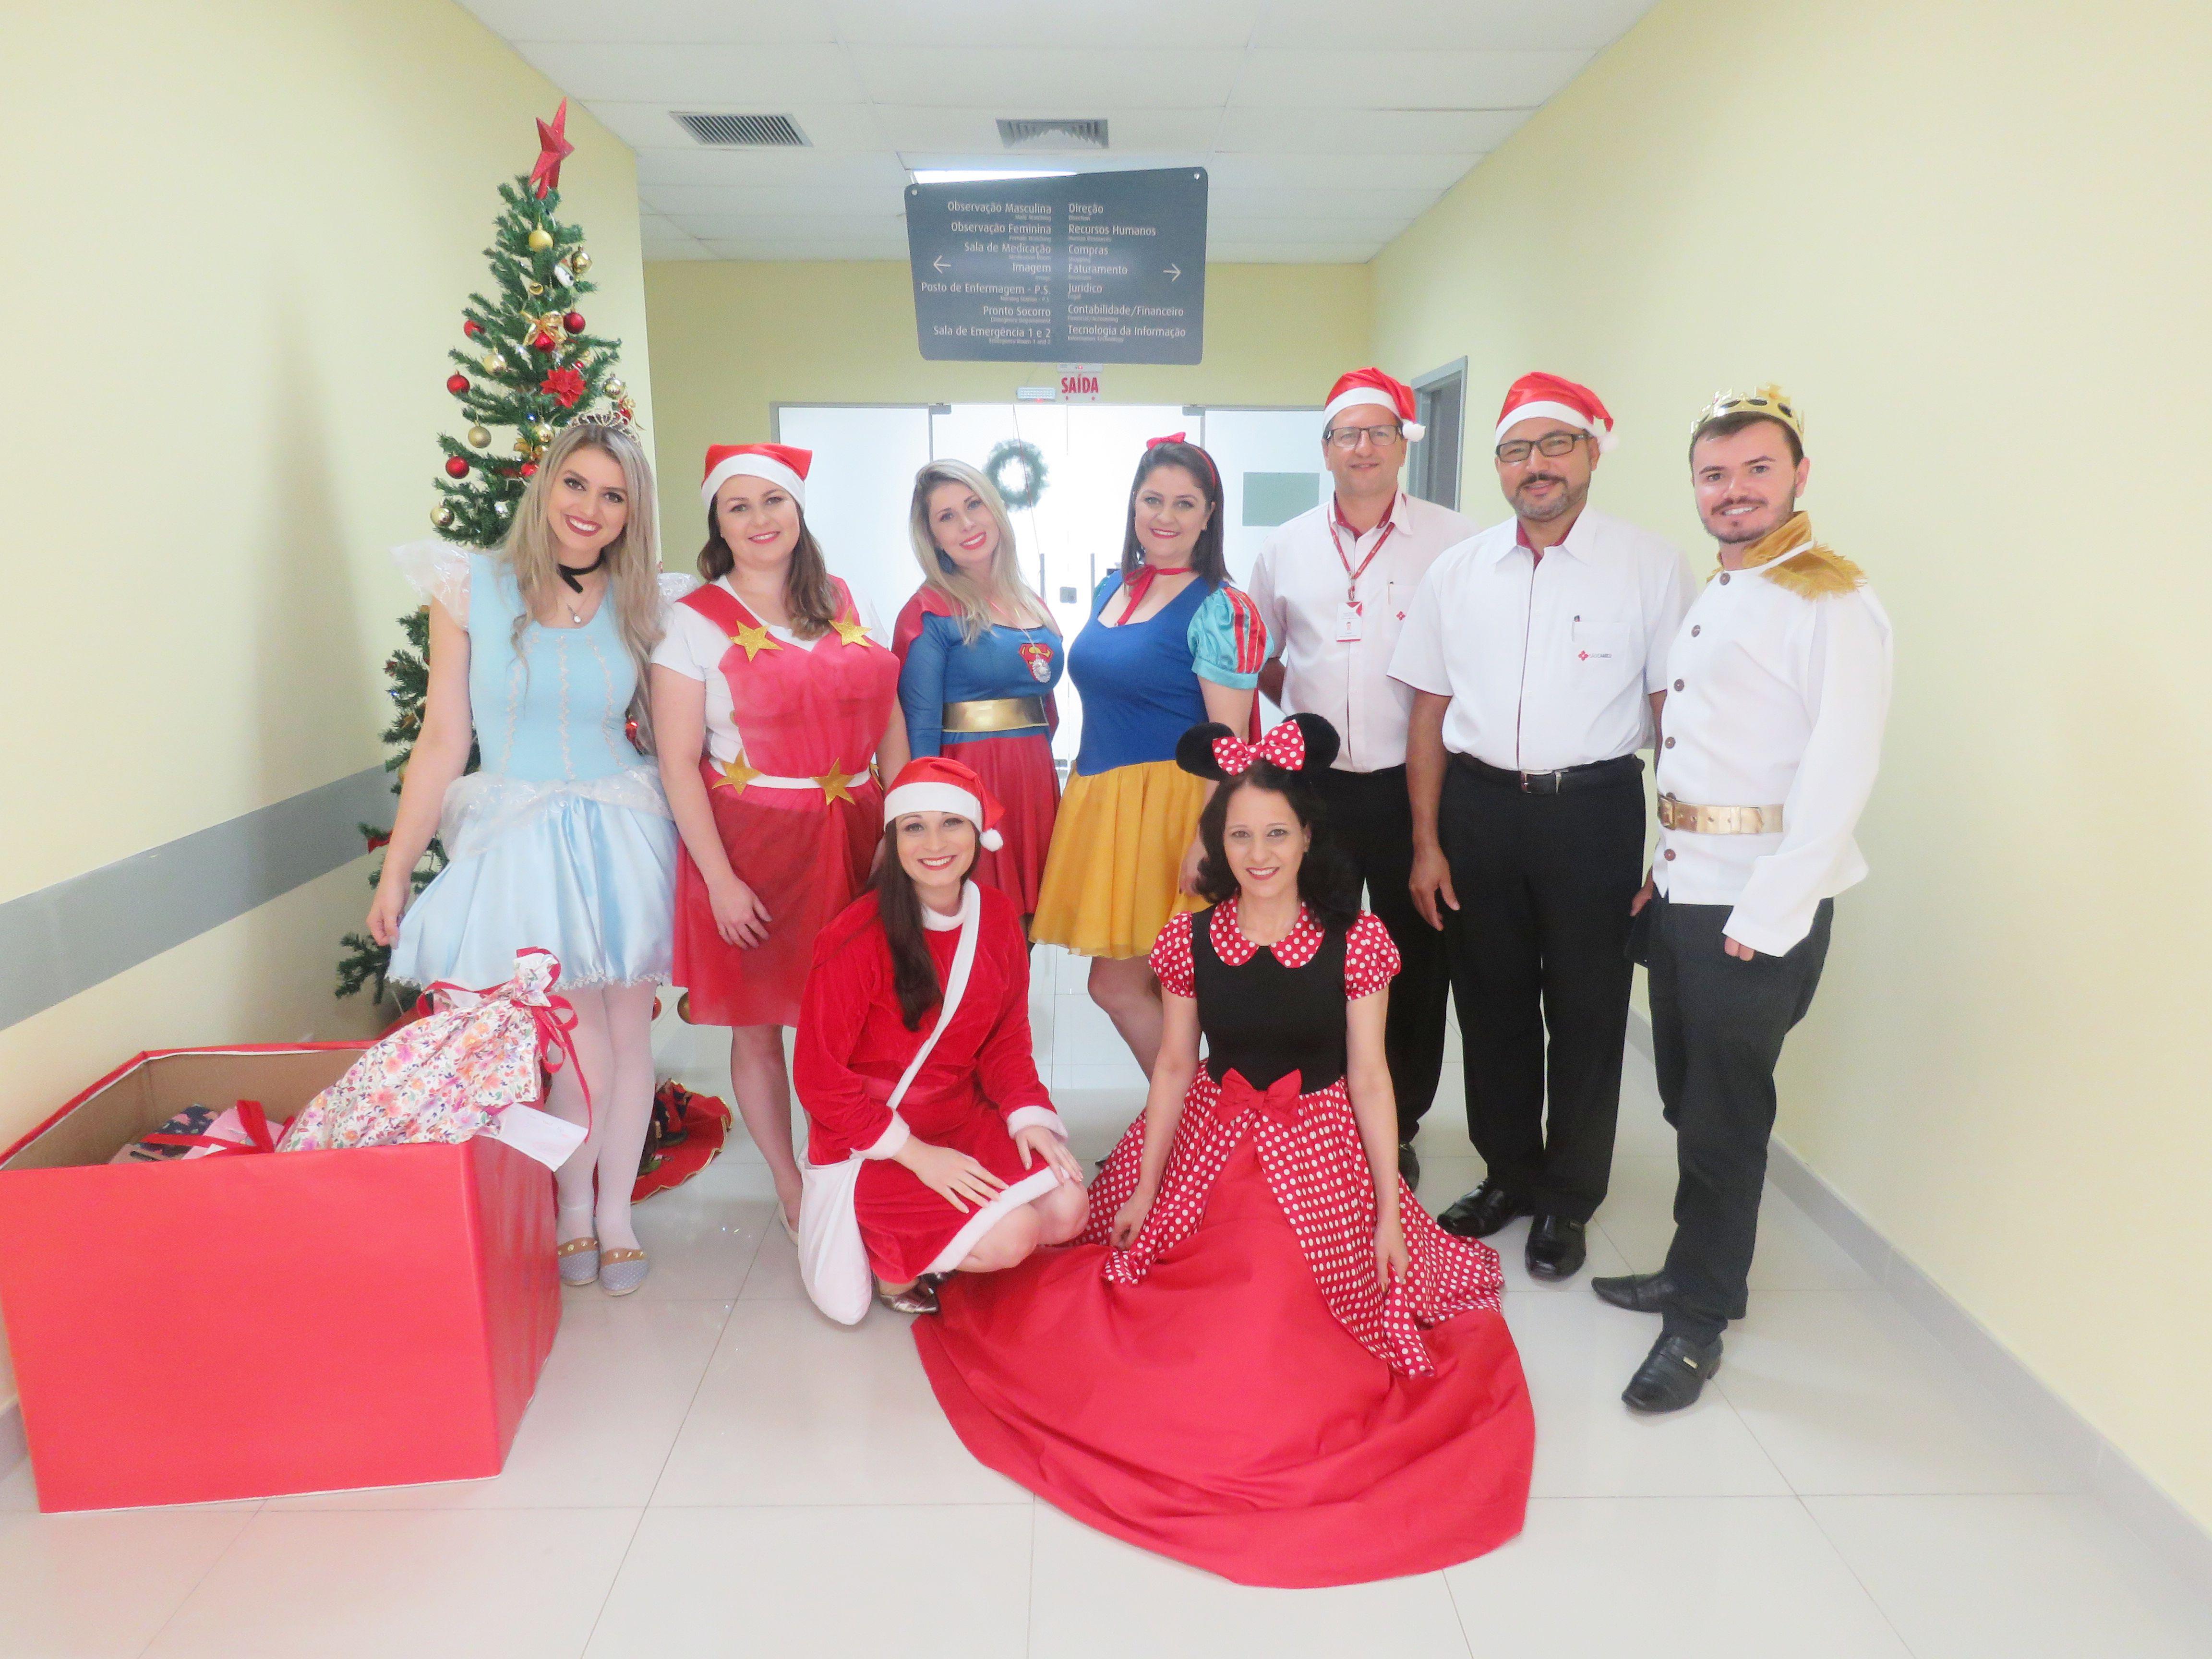 DIA DE ALEGRIA: AÇÃO SOLIDÁRIA 2018 HOSPITAL REGIONAL HELMUTH NASS